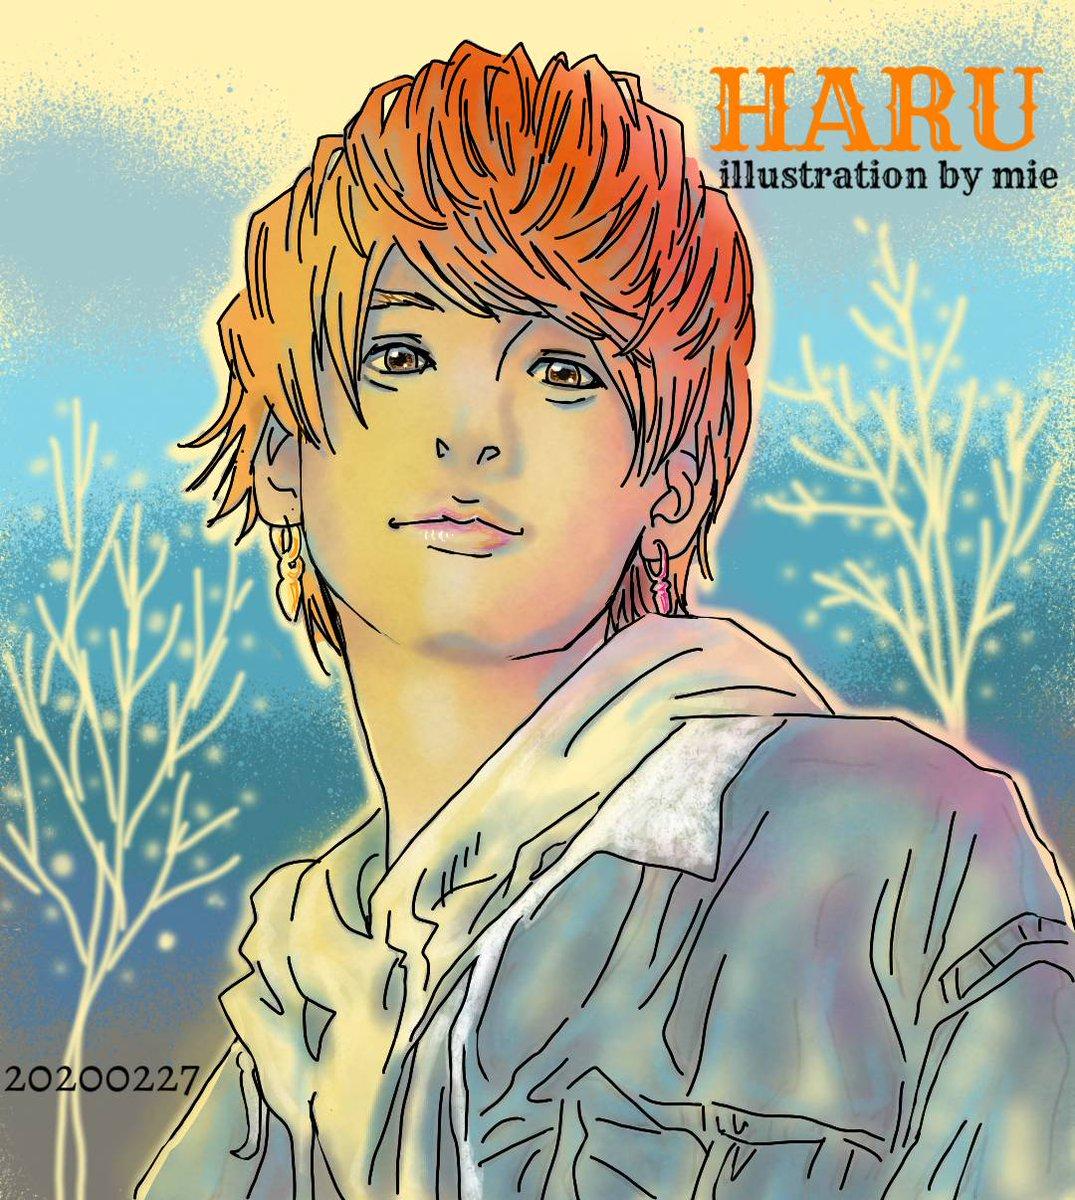 #udagawa #HARU #bombers  #はるたん #お絵描き好きさんと繋がりたい  #お絵描きさんと繋がりたい  #イラスト好きな人とつながりたい  #イラスト #絵描きさんと繋がりたい  #SHOWROOMpic.twitter.com/RdaTfibRyw